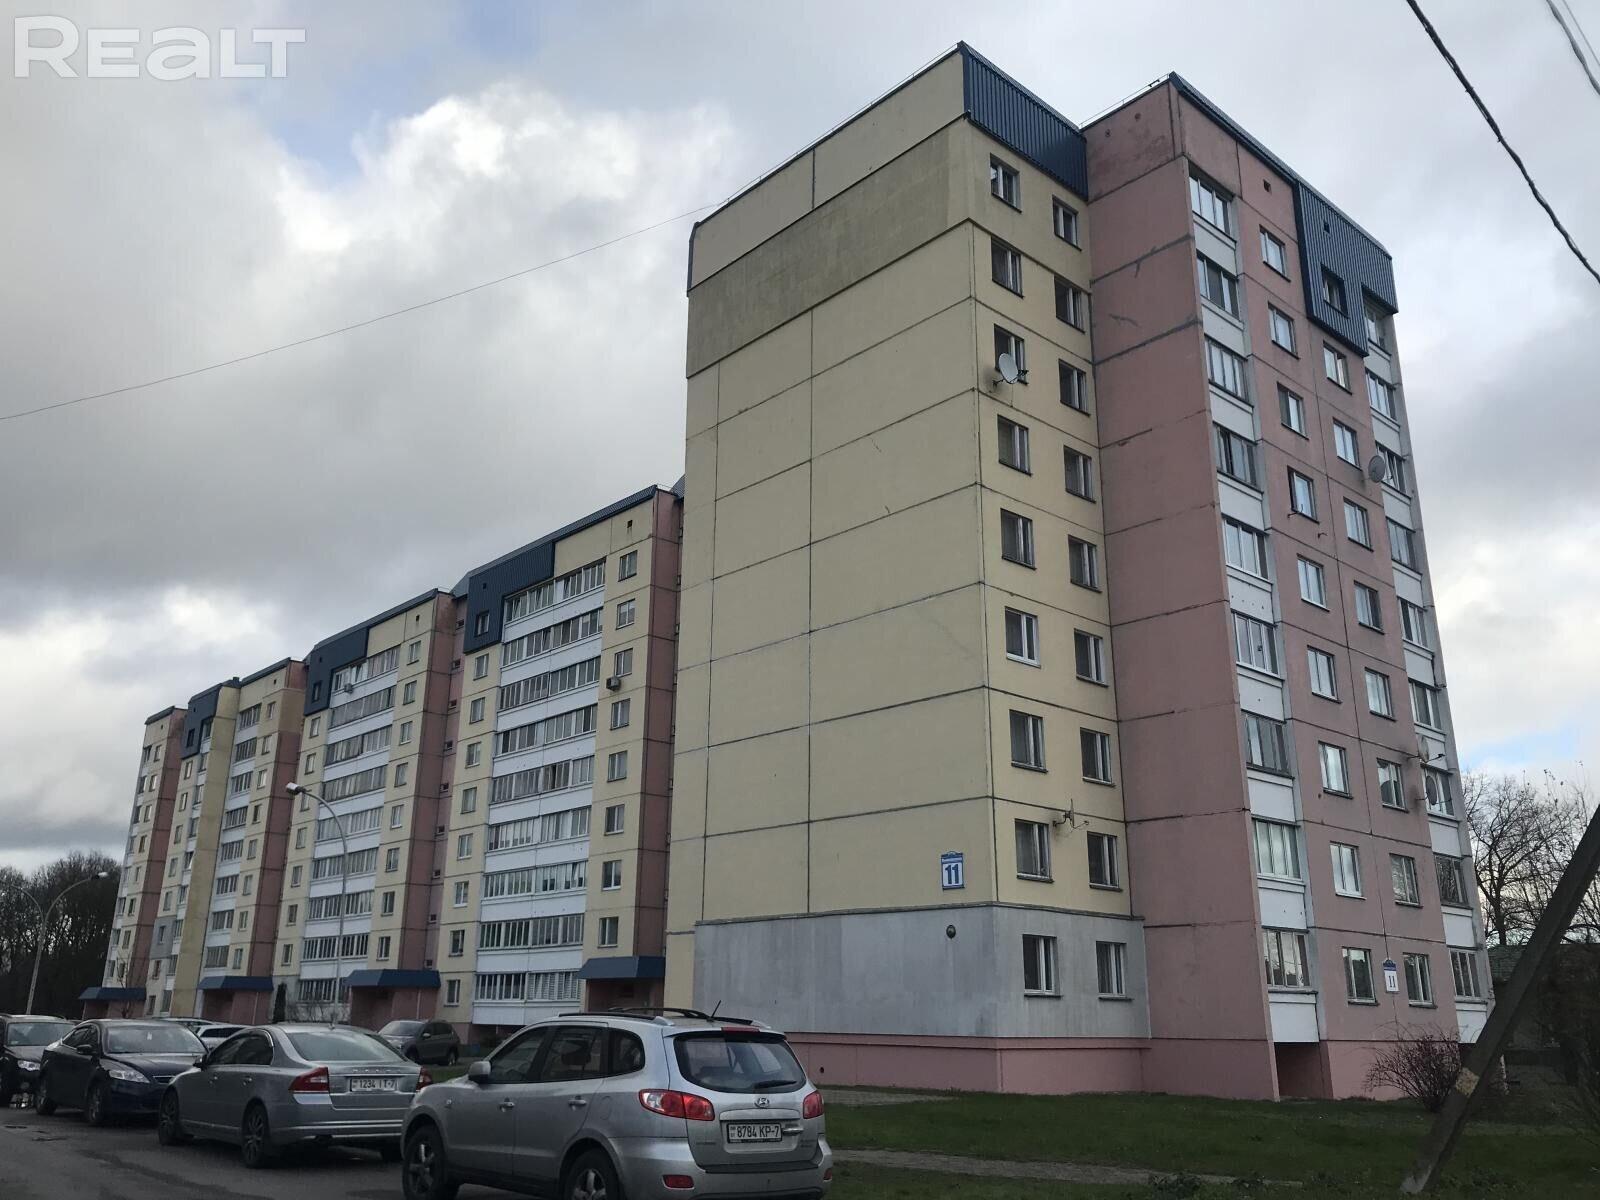 Продажа 3-х комнатной квартиры в г. Минске, ул. Вышелесского, дом 11 (р-н Запад, Красный Бор). Цена 193 643 руб c торгом